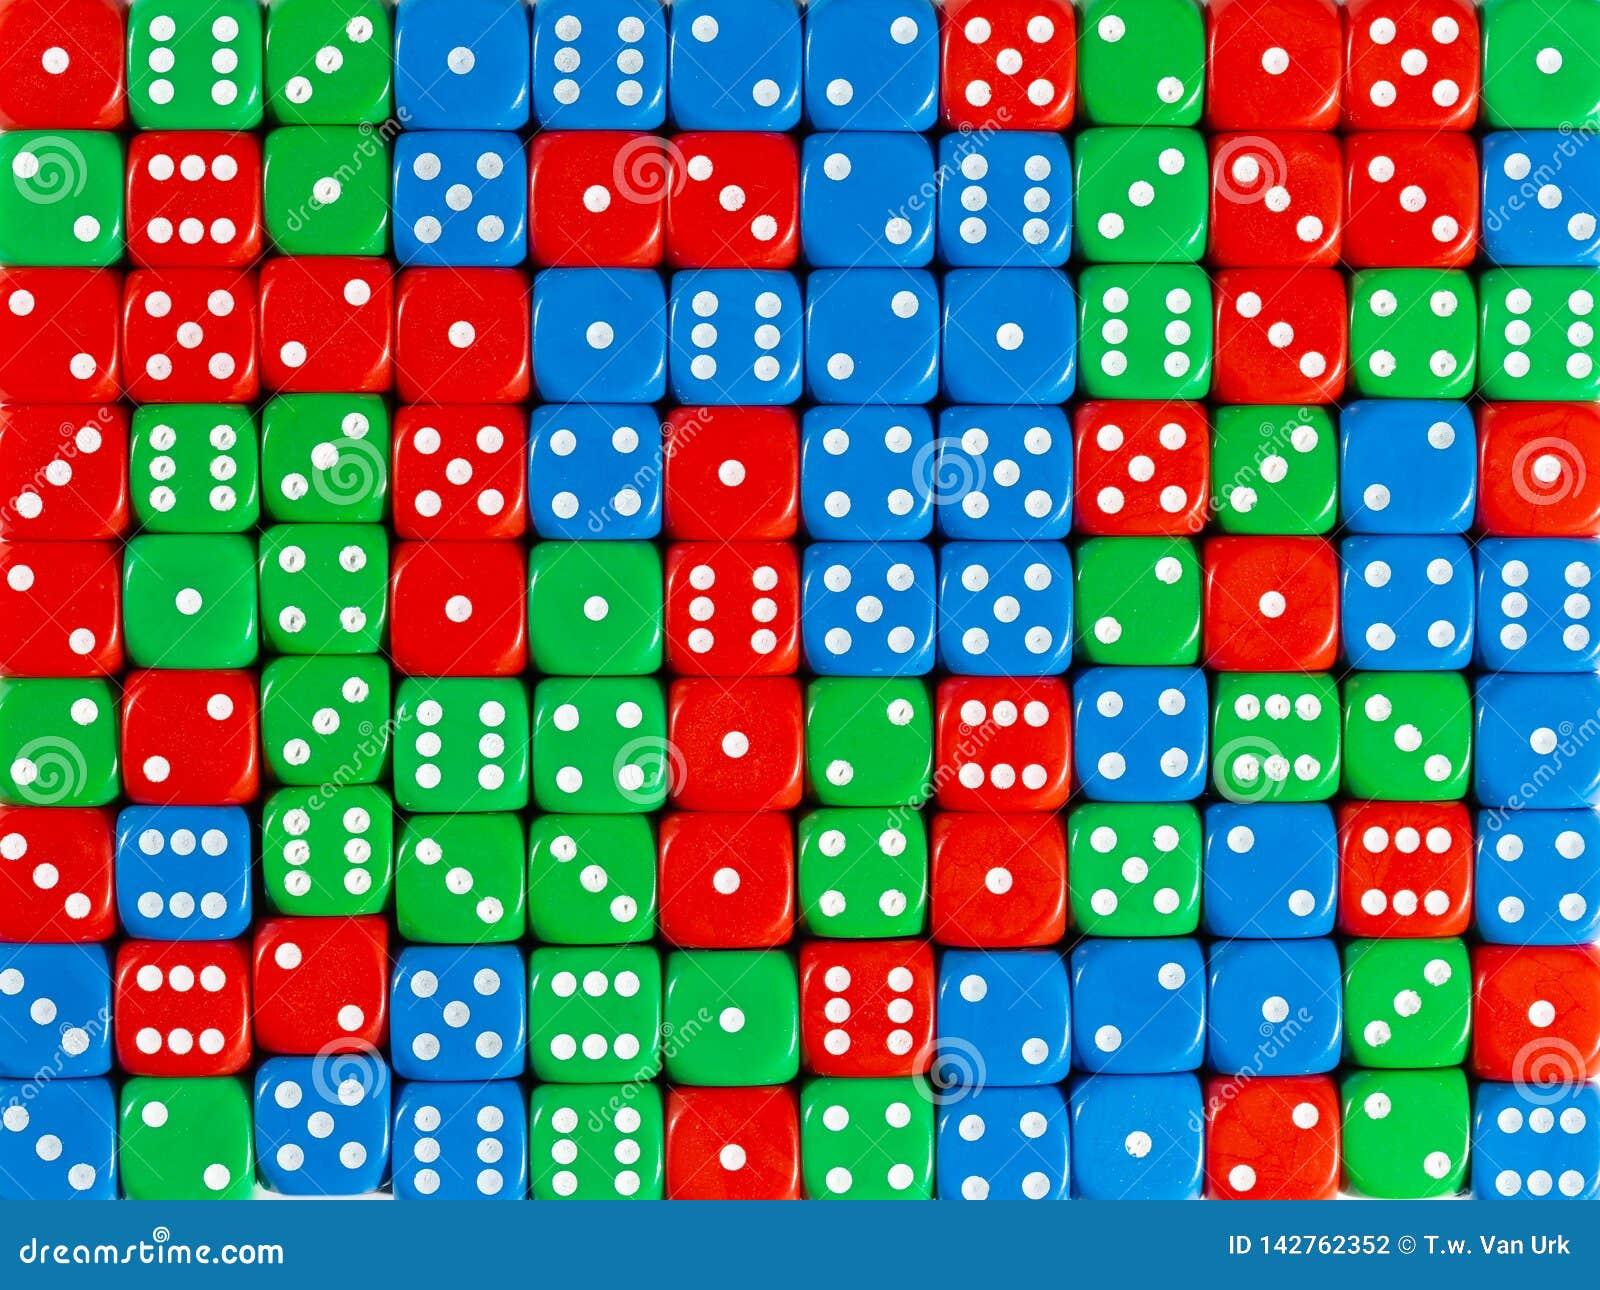 Το σχέδιο υποβάθρου του τυχαίων διαταγμένων κοκκίνου, πράσινος και του μπλε χωρίζει σε τετράγωνα